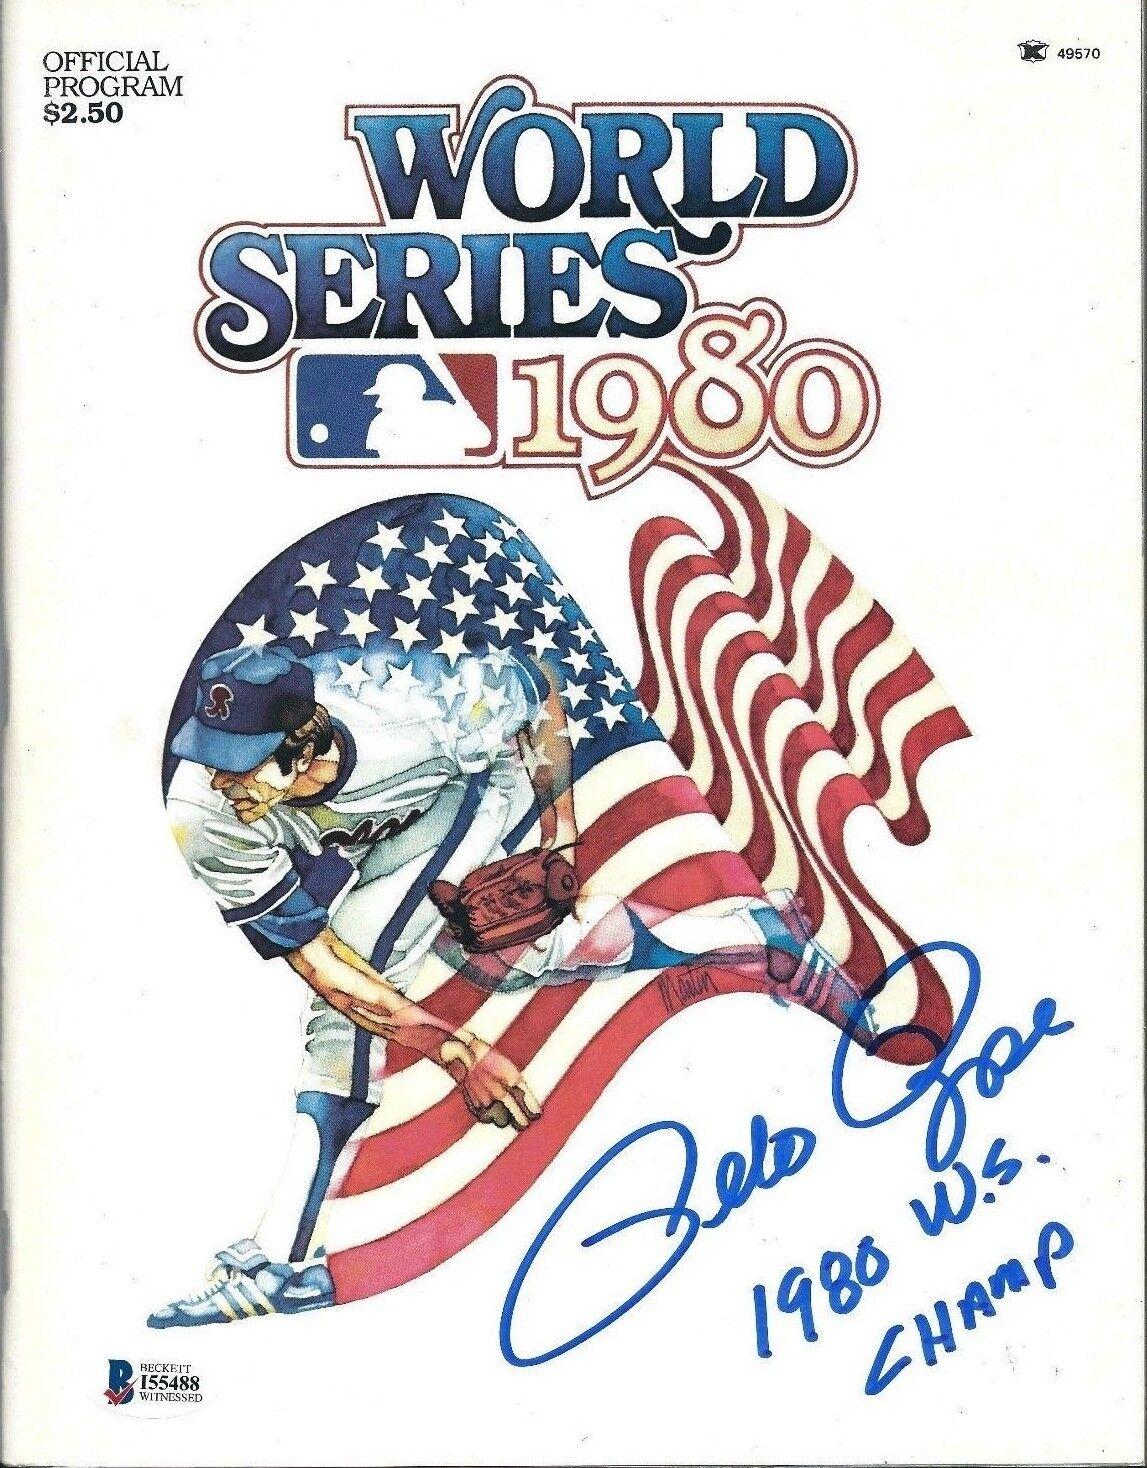 Pete Rose Signed 1980 World Series Baseball Program